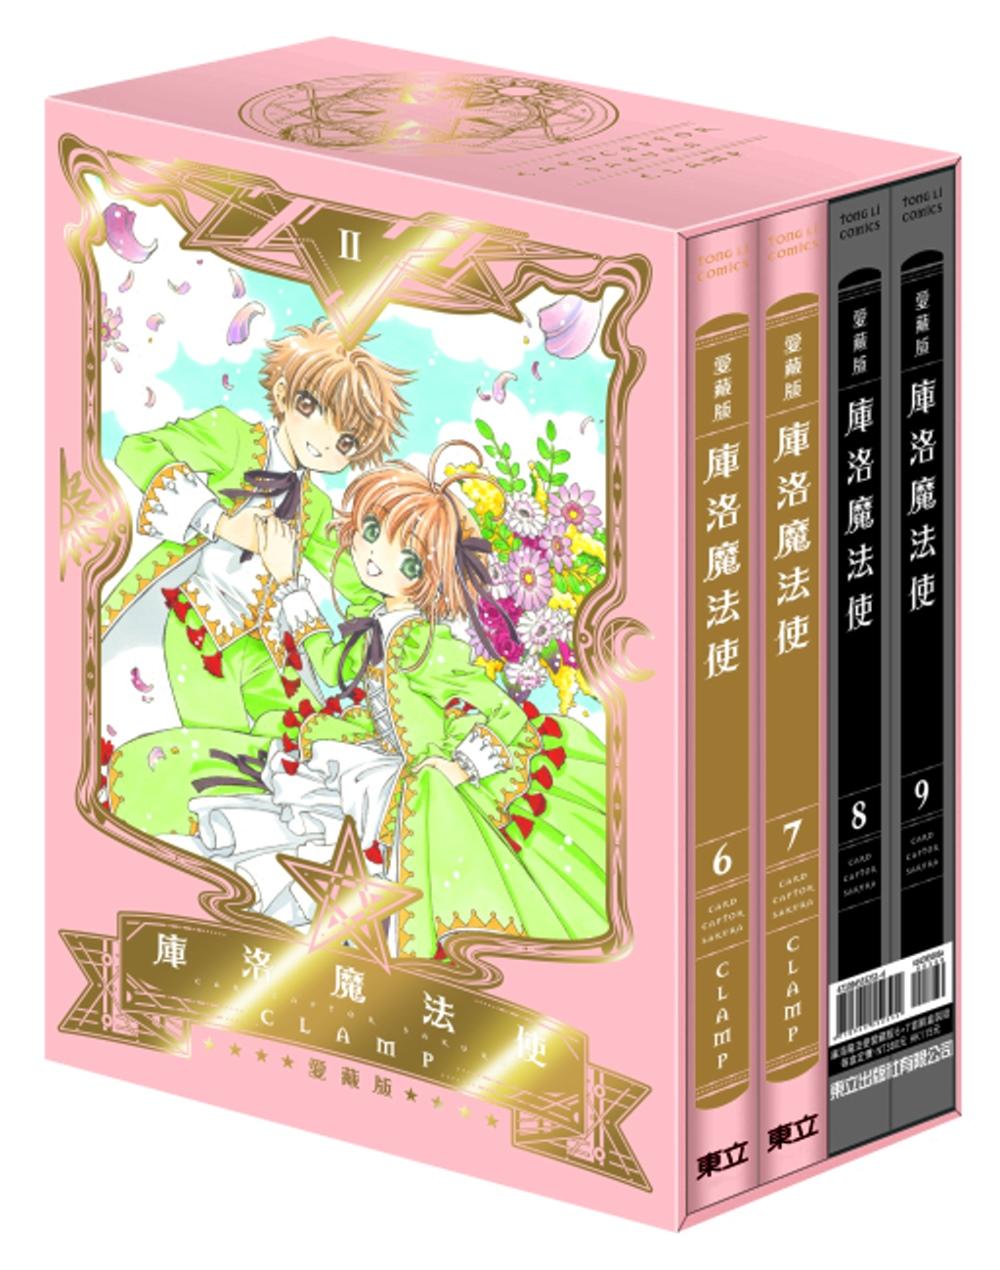 庫洛魔法使 愛藏版 (首刷盒裝版) 6+7